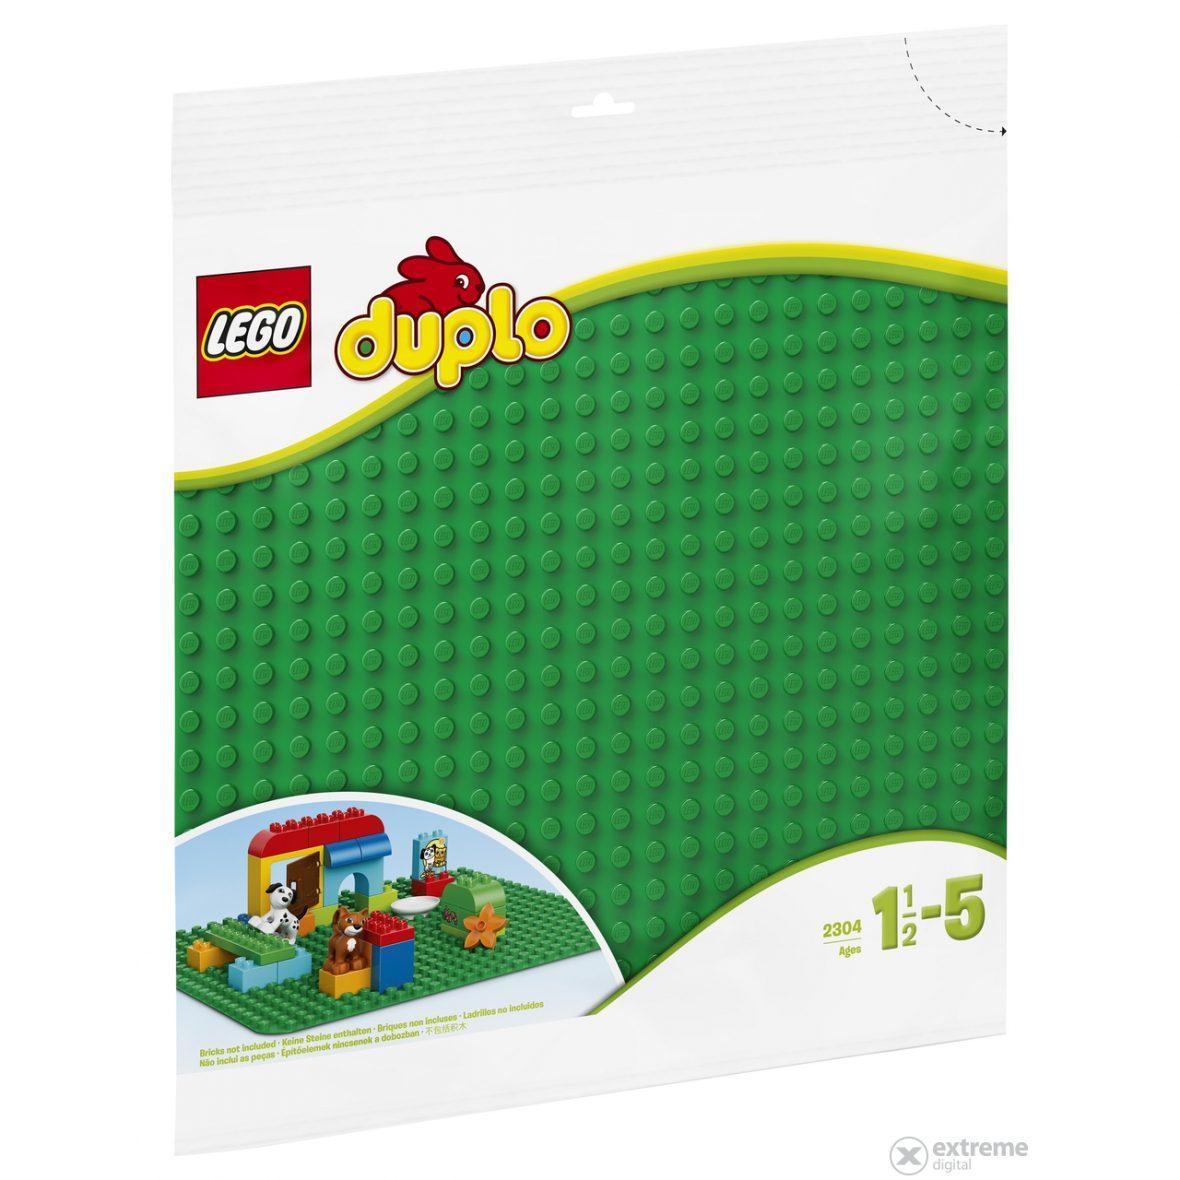 Lego 2304, Duplo zelena plošča